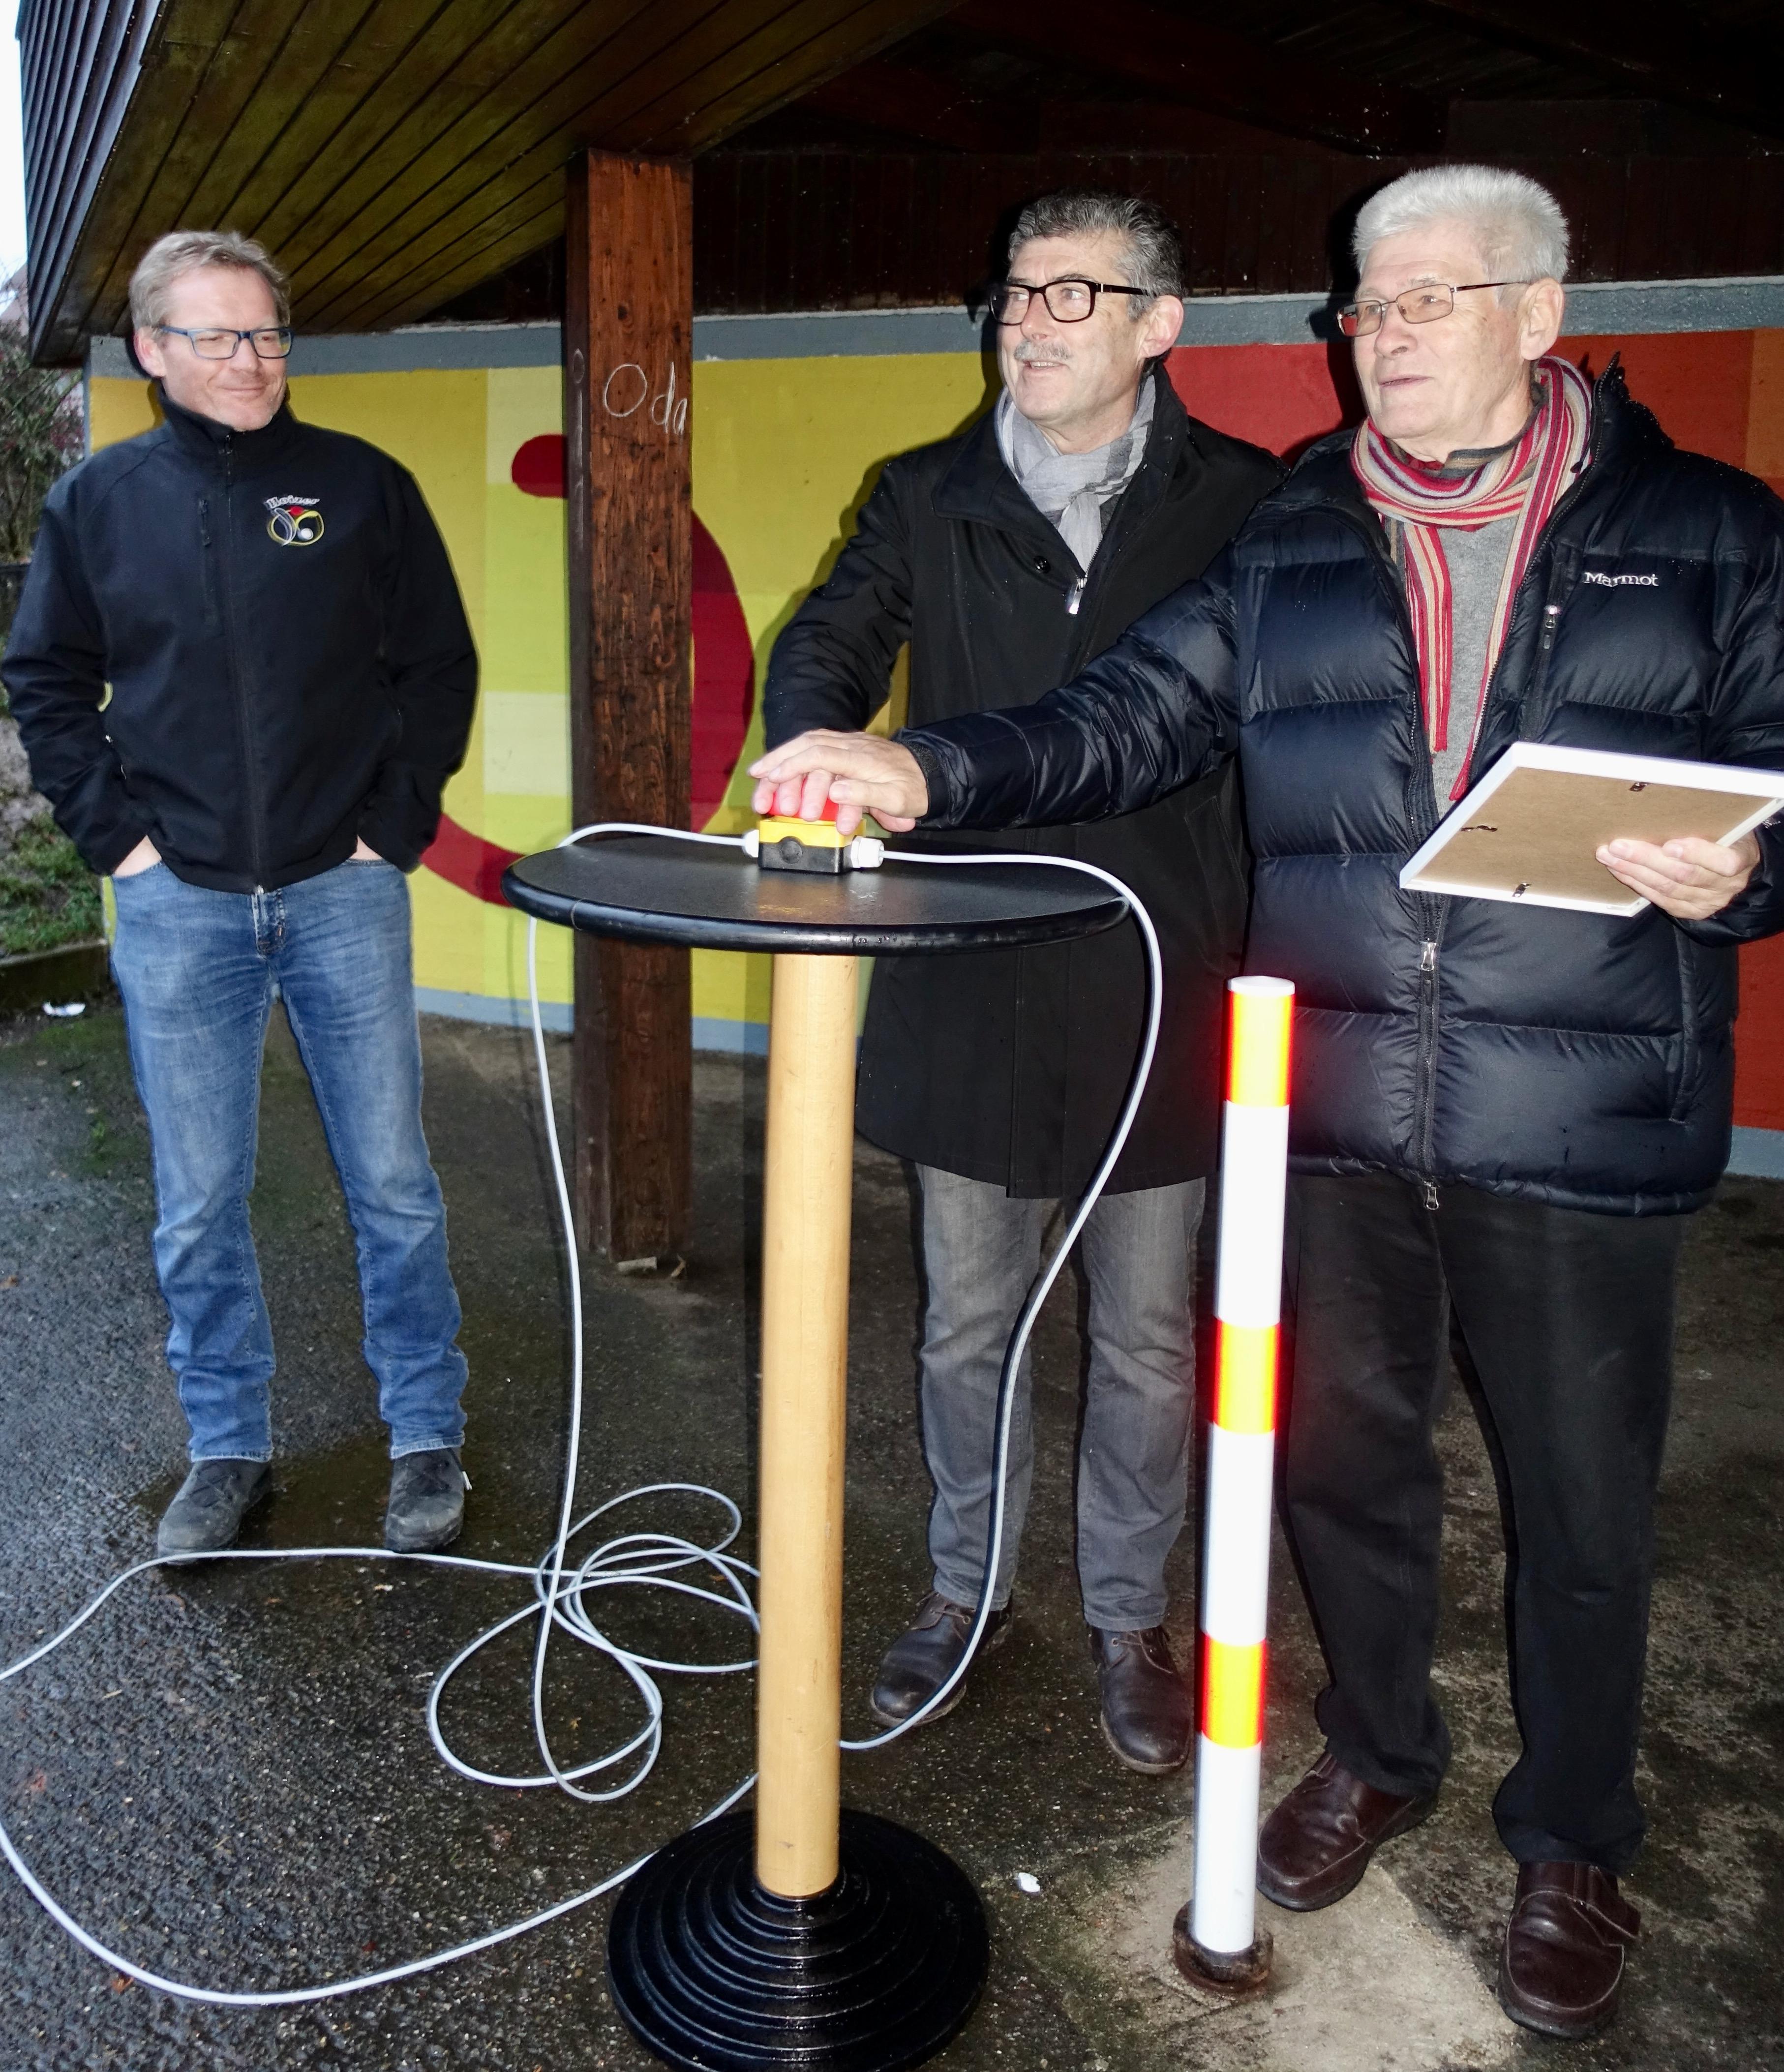 Bürgermeister Schaffer und Dr. Jörg Abthoff drücken gemeinsam den Startknopf für die LED-Straßenbeleuchtung